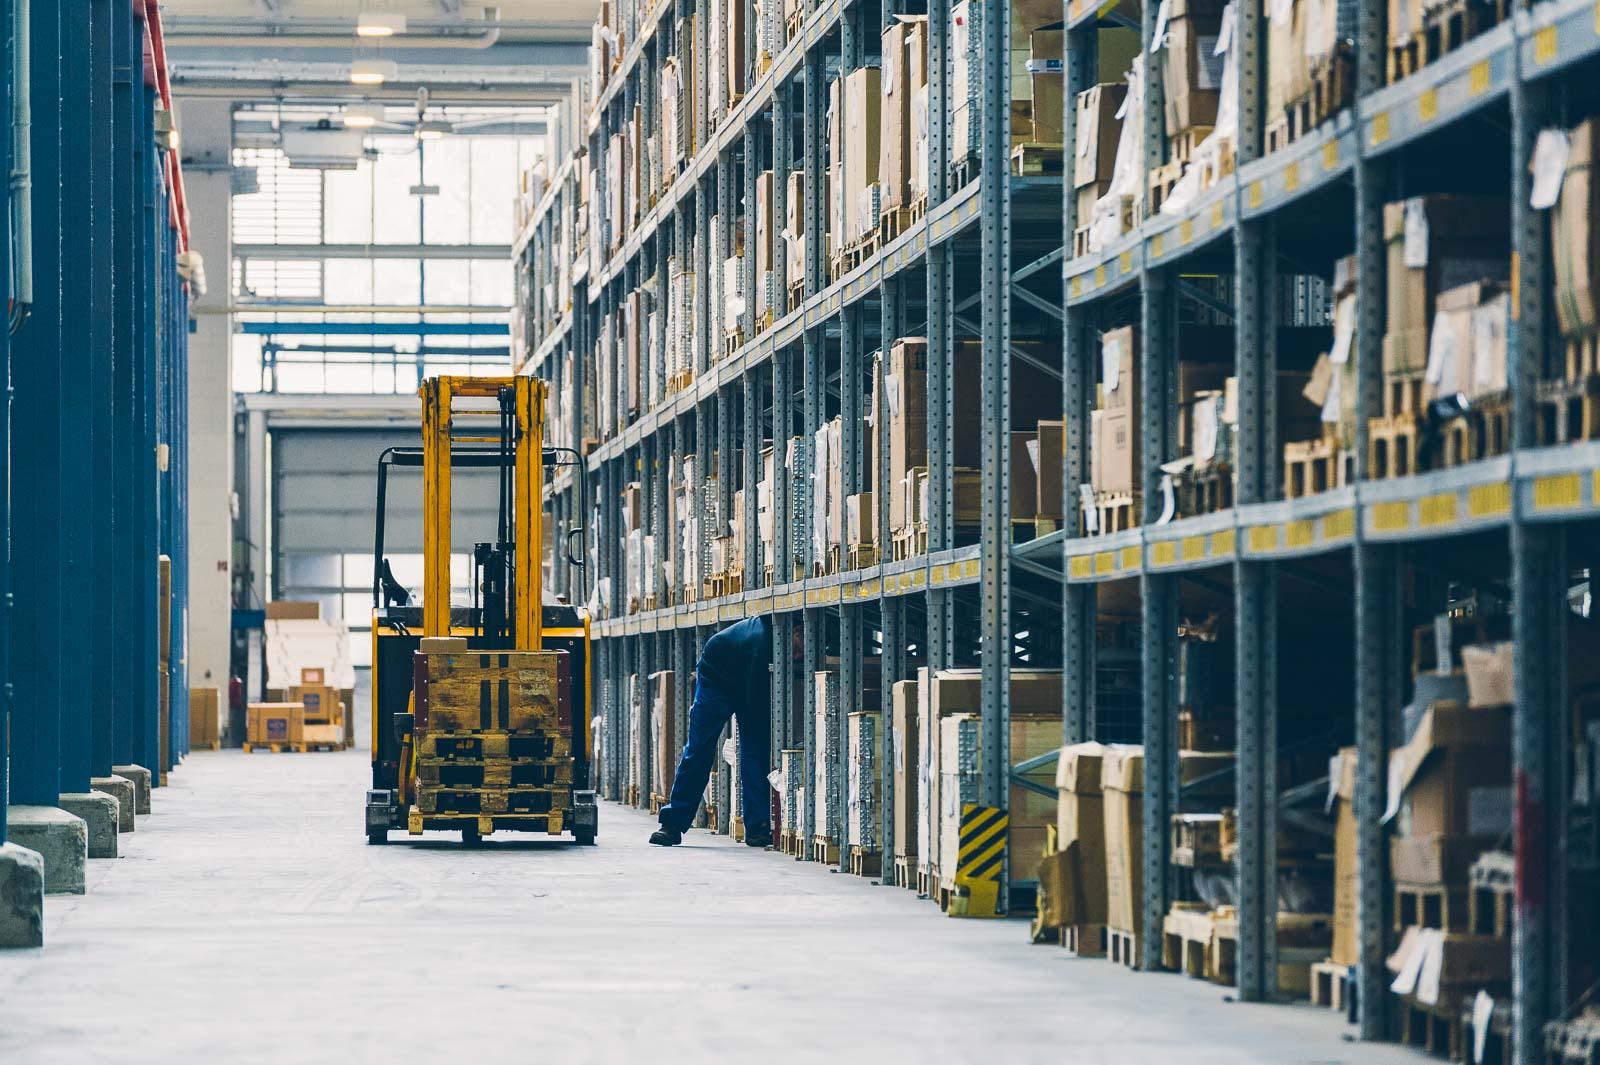 Logistik in Lagerhalle – Industriefoto